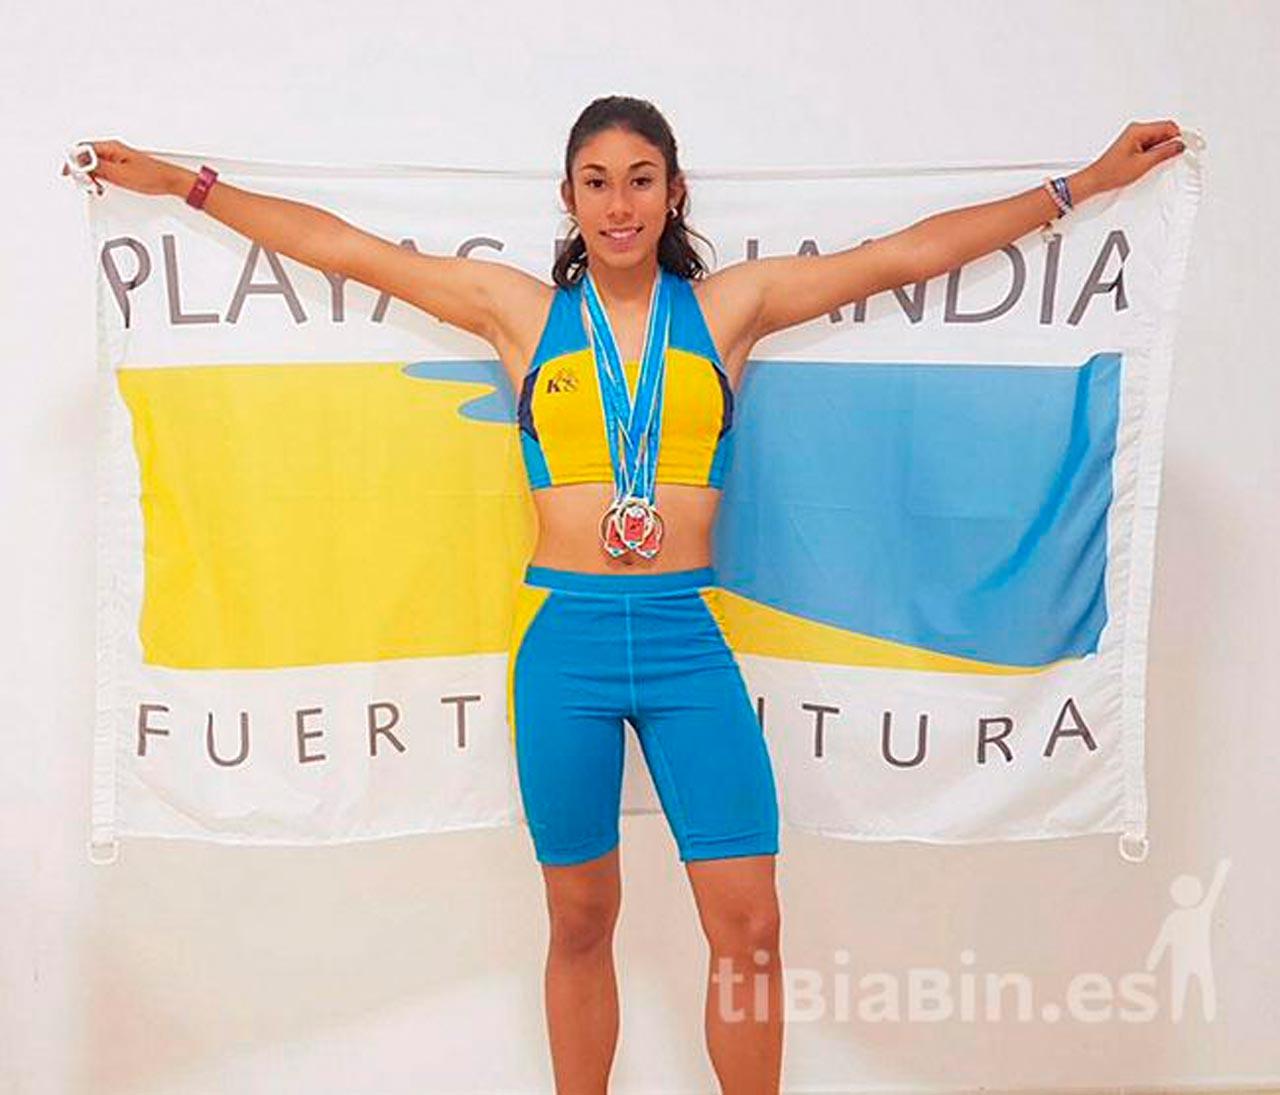 Nicole Barrios, atleta de la EAMj-Playas de Jandía  Mejor Marca canarias sub16 en 300 m.l.